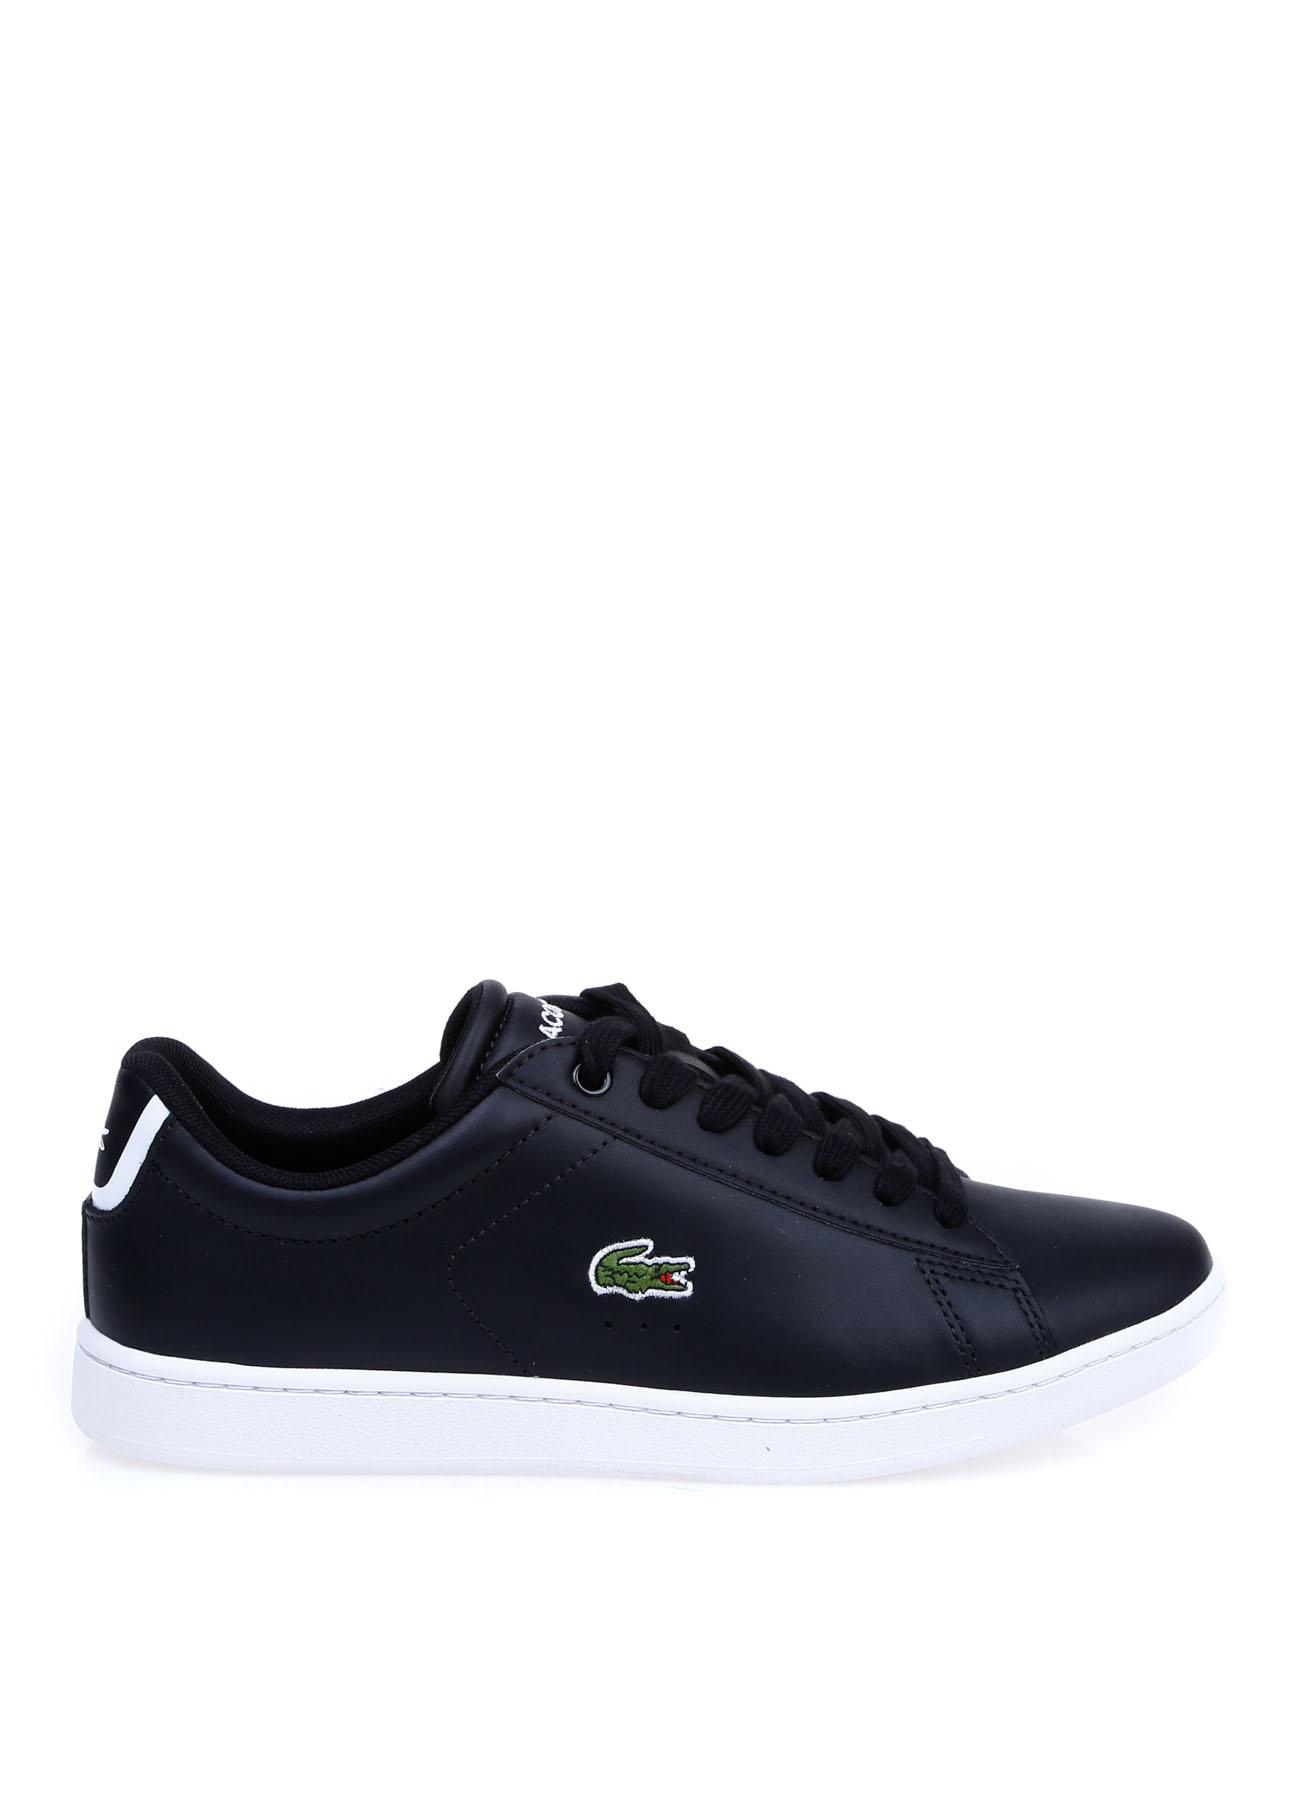 Lacoste Kadın Deri Siyah Düz Ayakkabı 36 5000353883001 Ürün Resmi